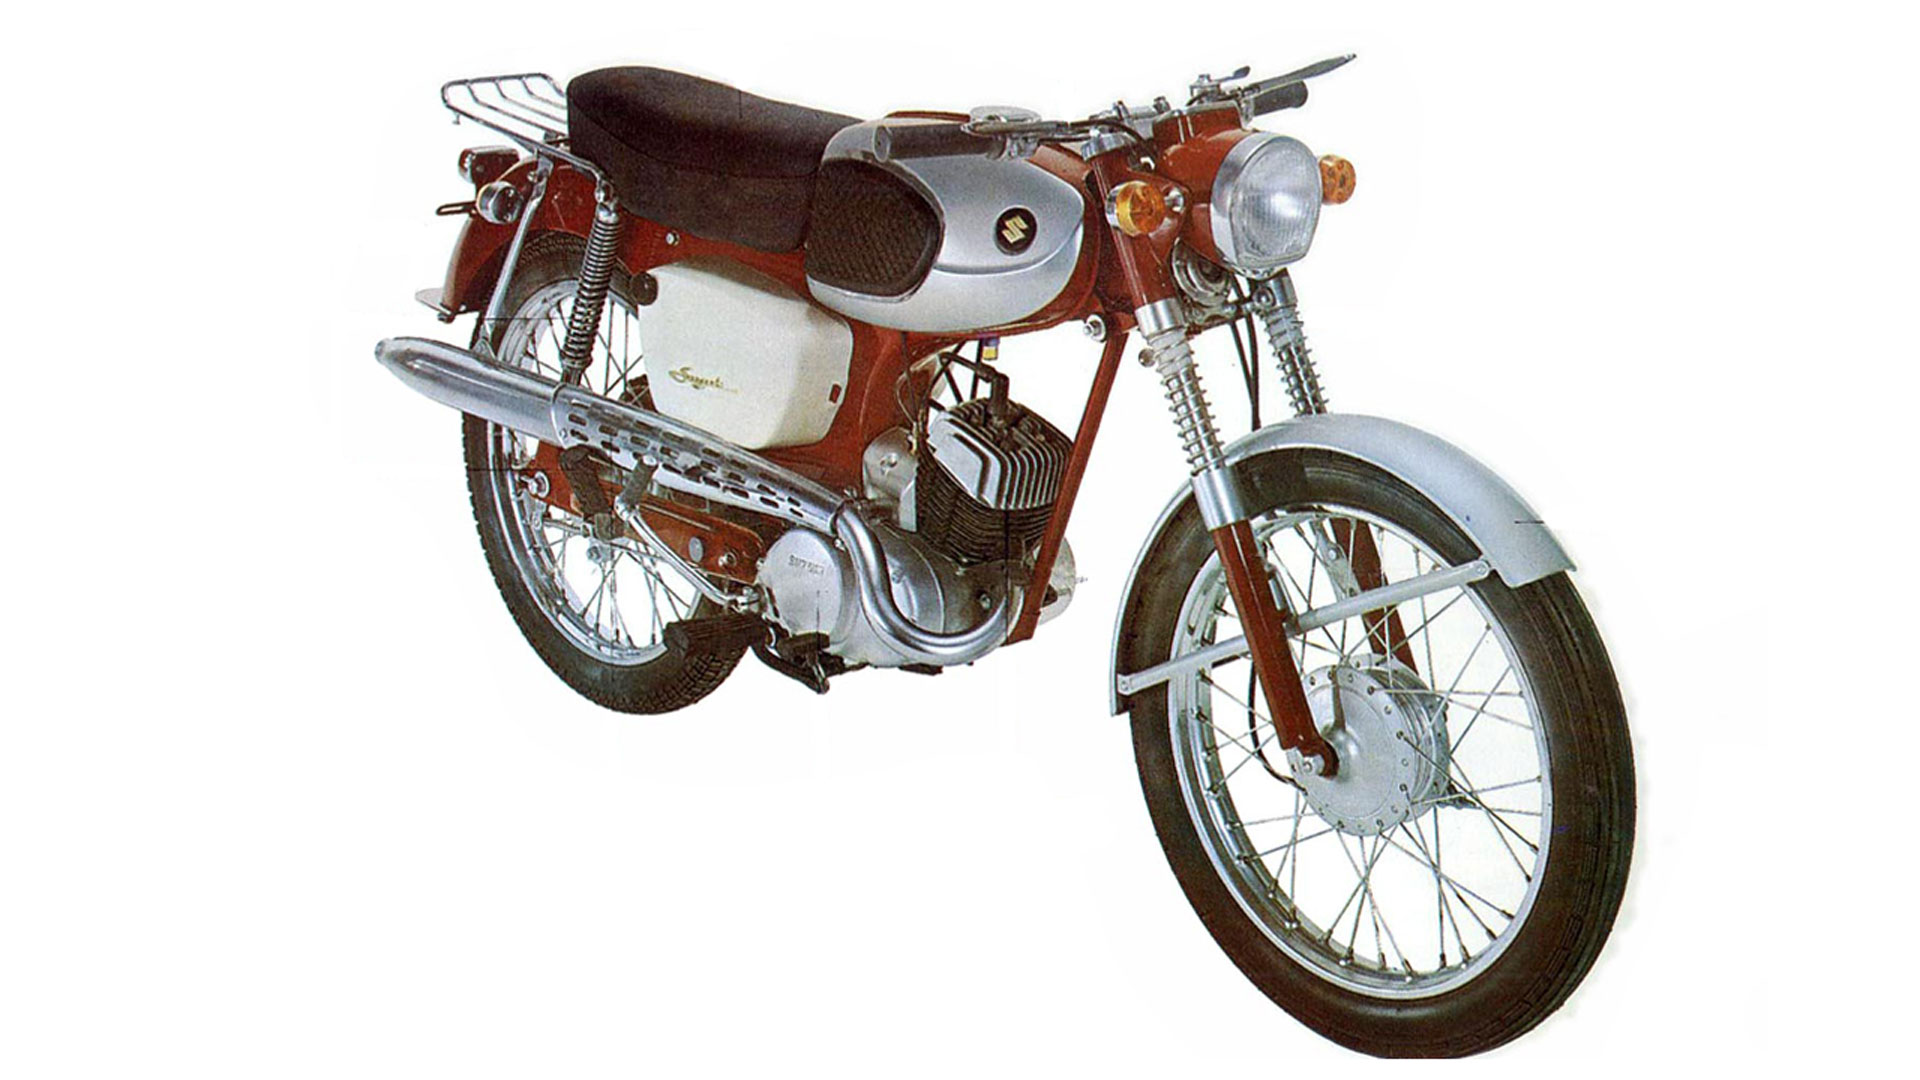 1965 Suzuki K11